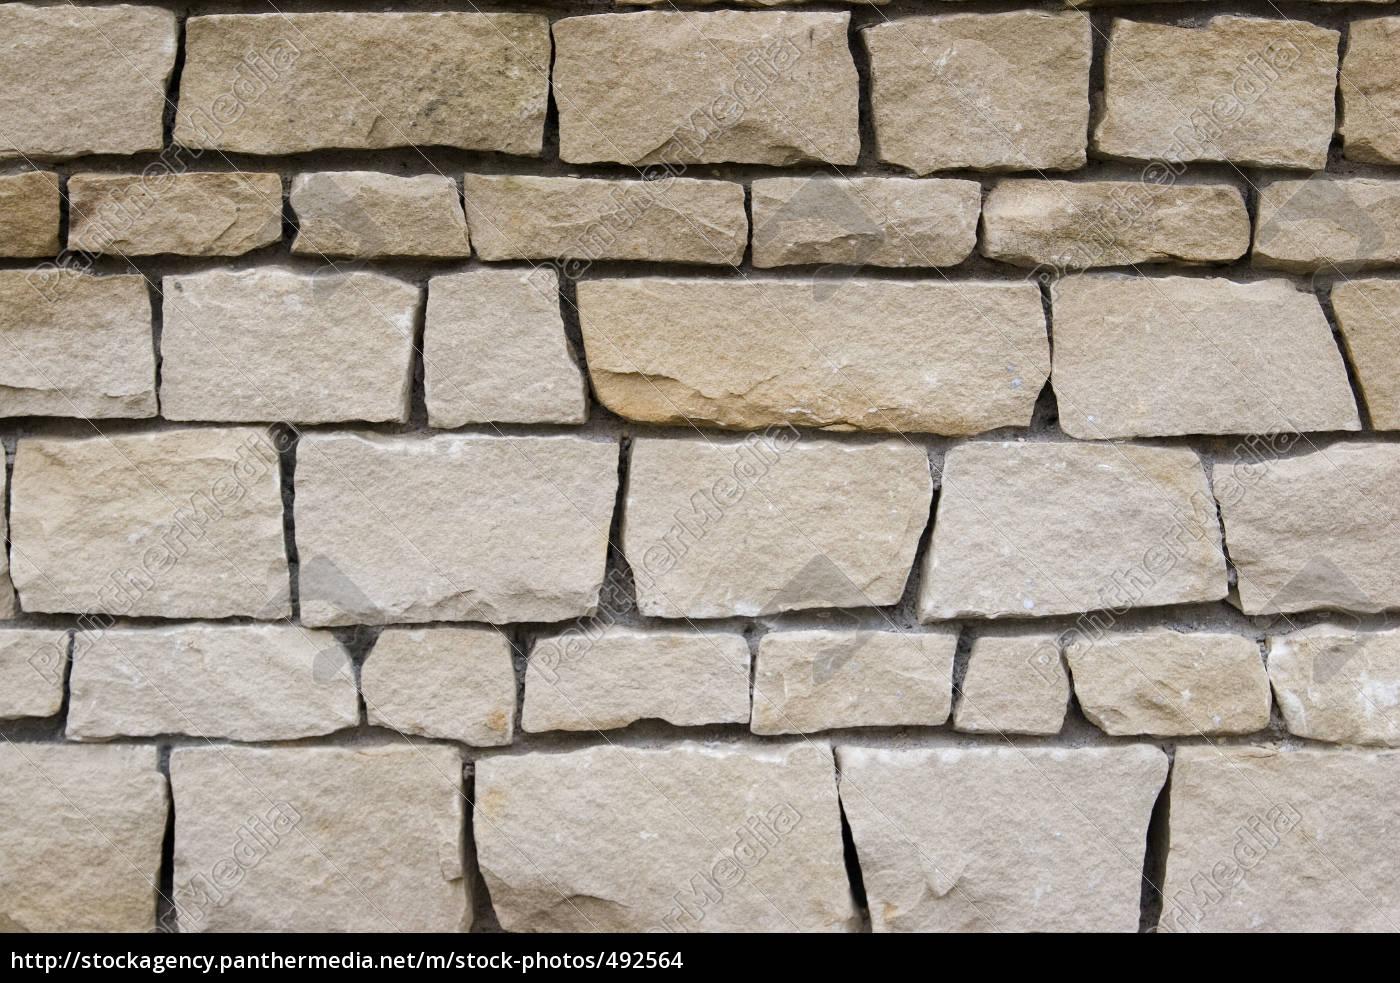 steinmauer7 - 492564